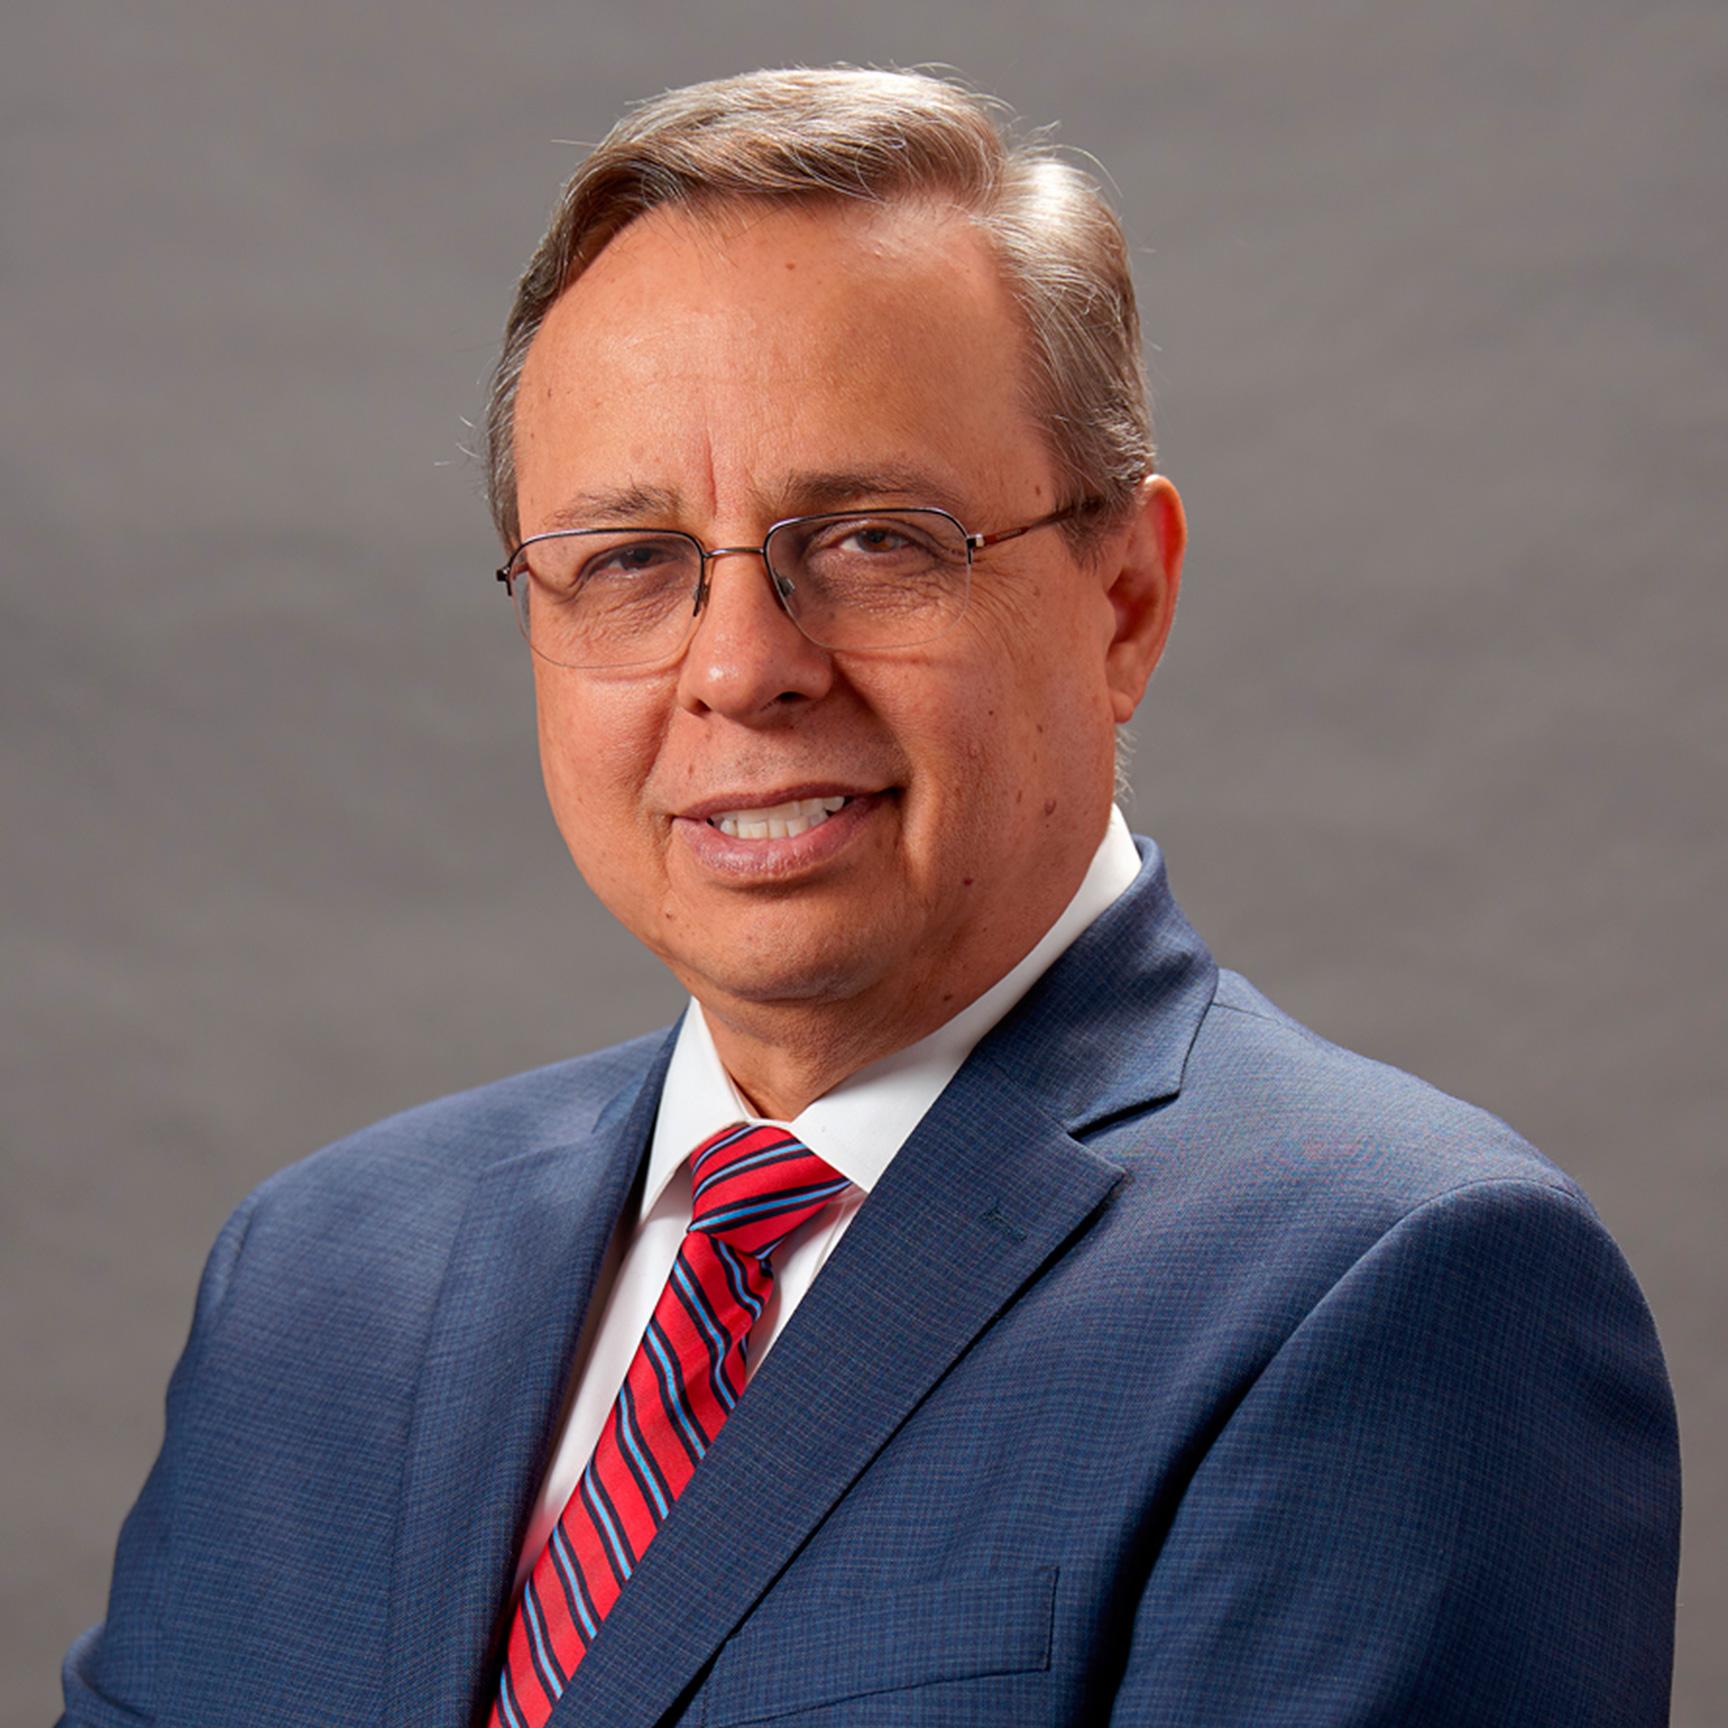 Ing. Eduardo Meraz Ateca, Director General del Centro Nacional de Control de Energía (Cenace)